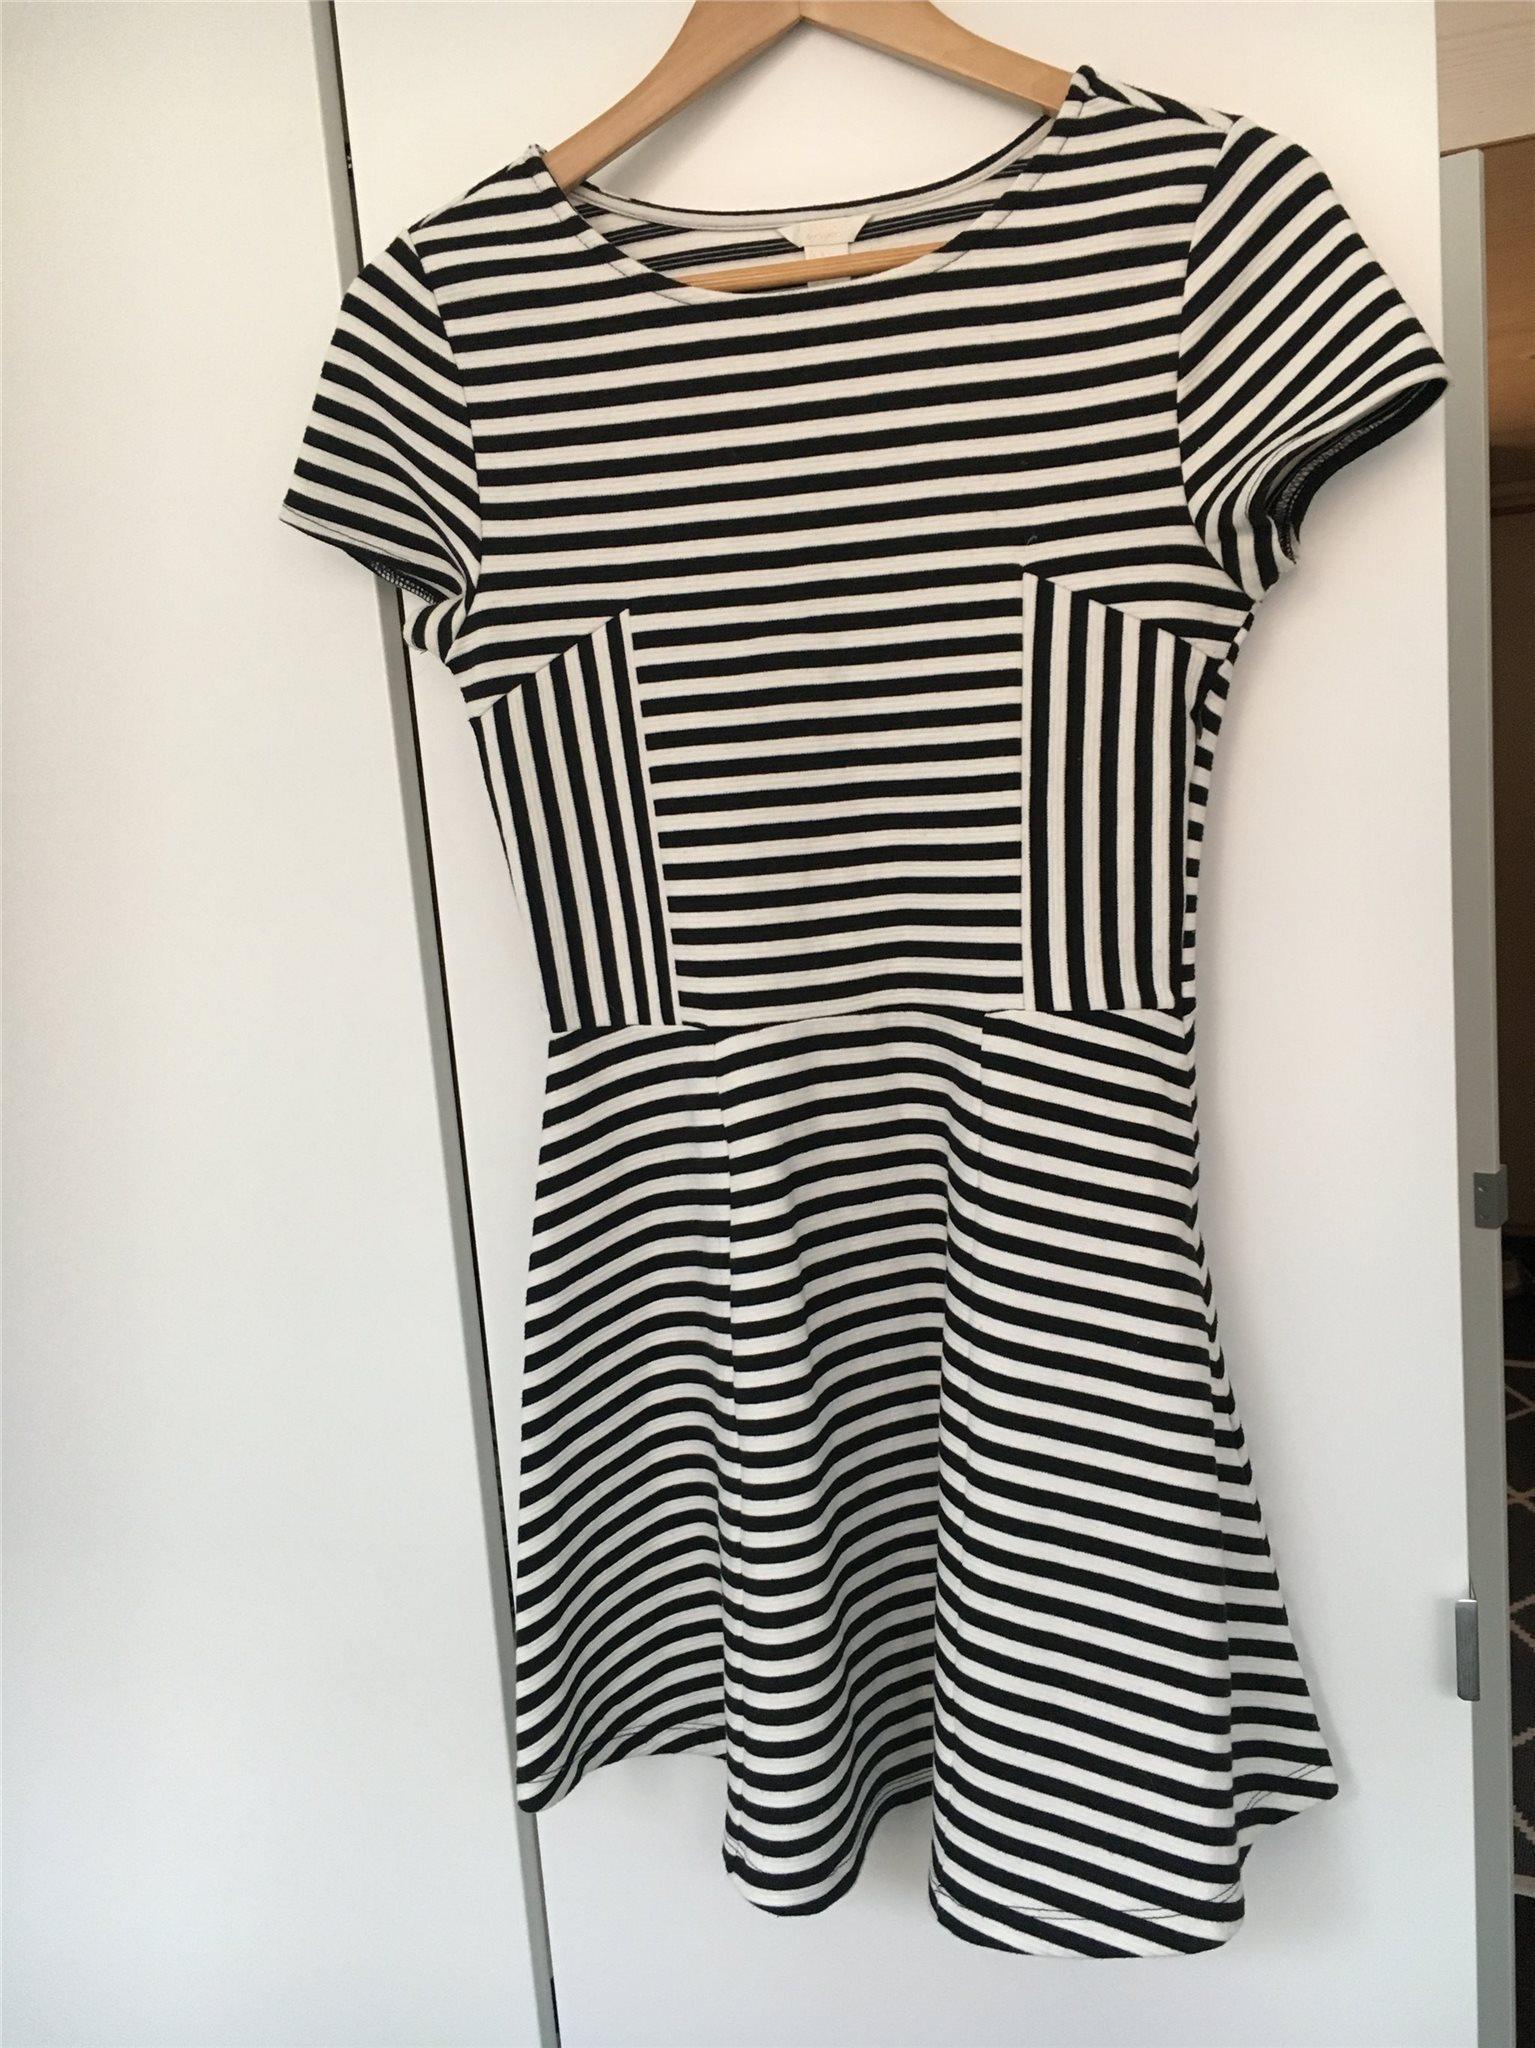 Svart-vit-randig klänning från Forever 21 (332446913) ᐈ Köp på Tradera c13cd96729c3a